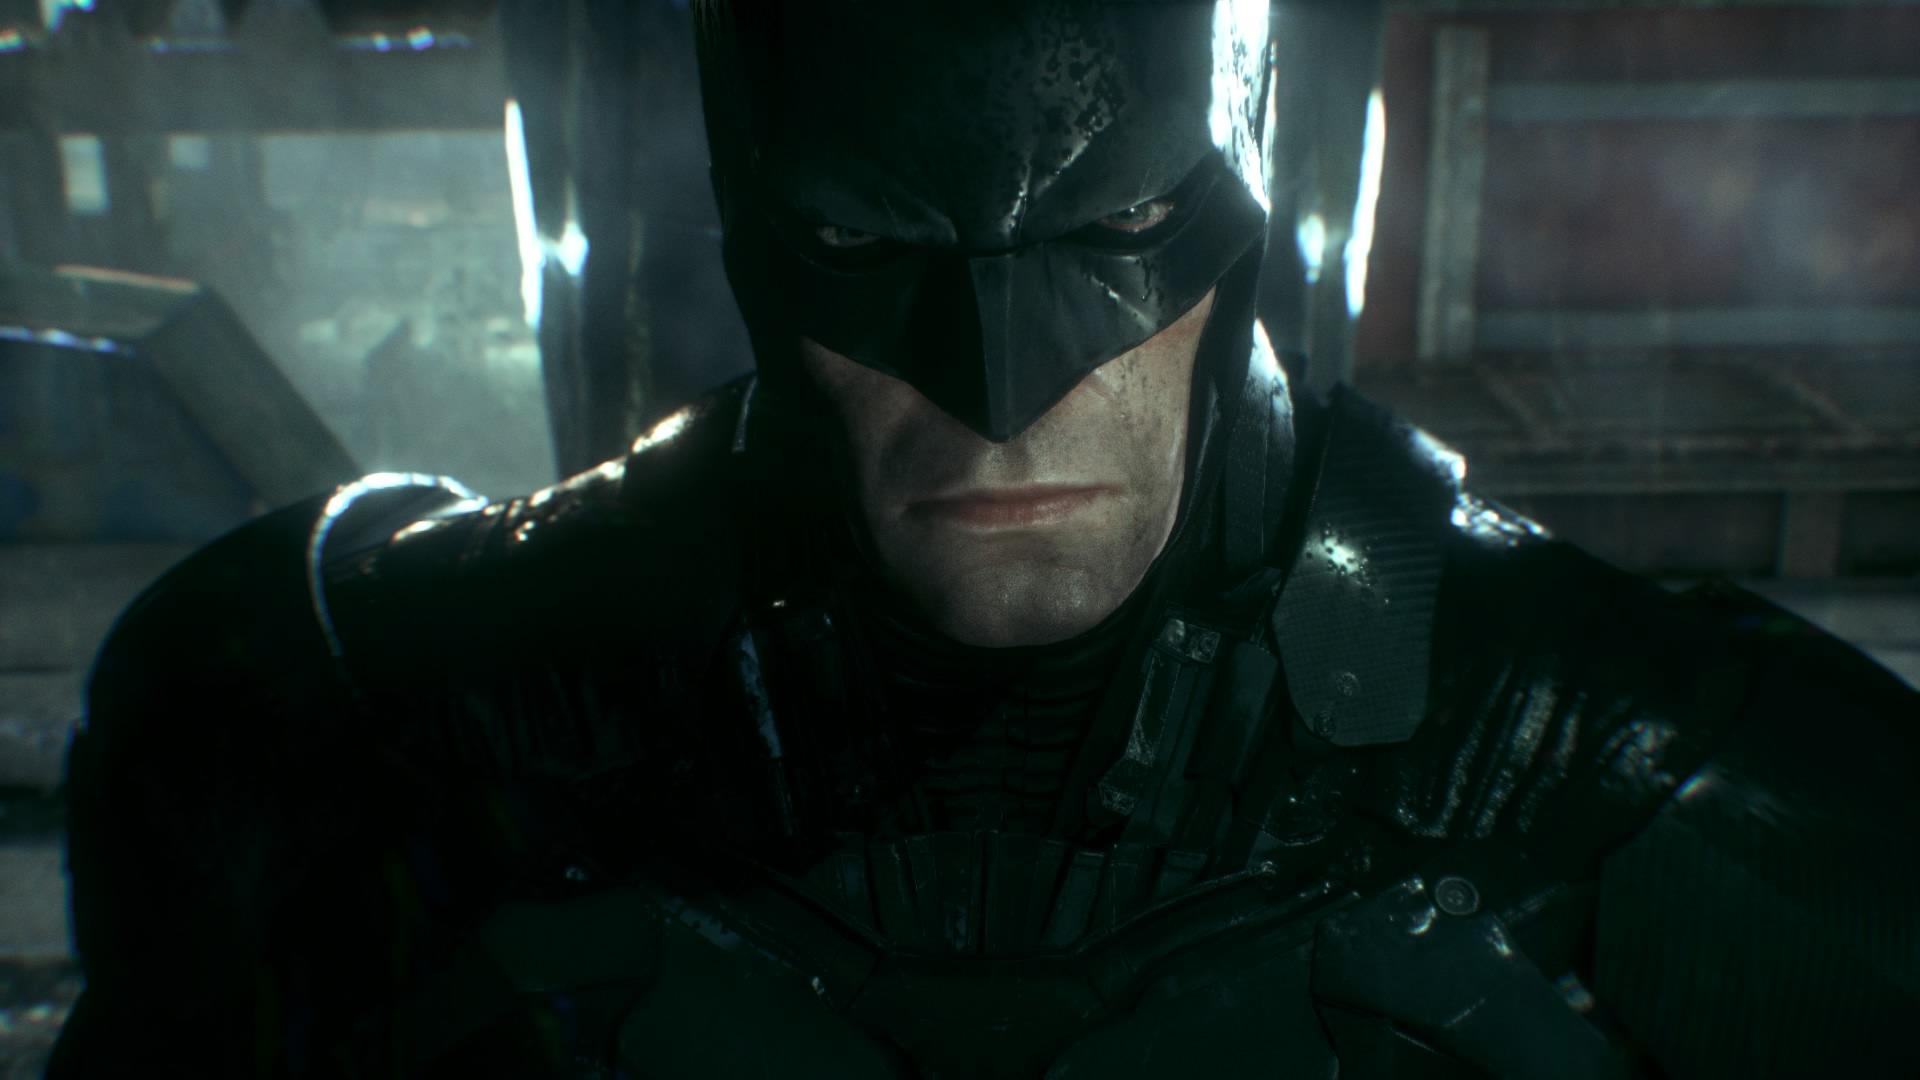 Batman: Arkham Knight to godne zakończenie, ale z głupimi błędami – recenzja Spider's Web